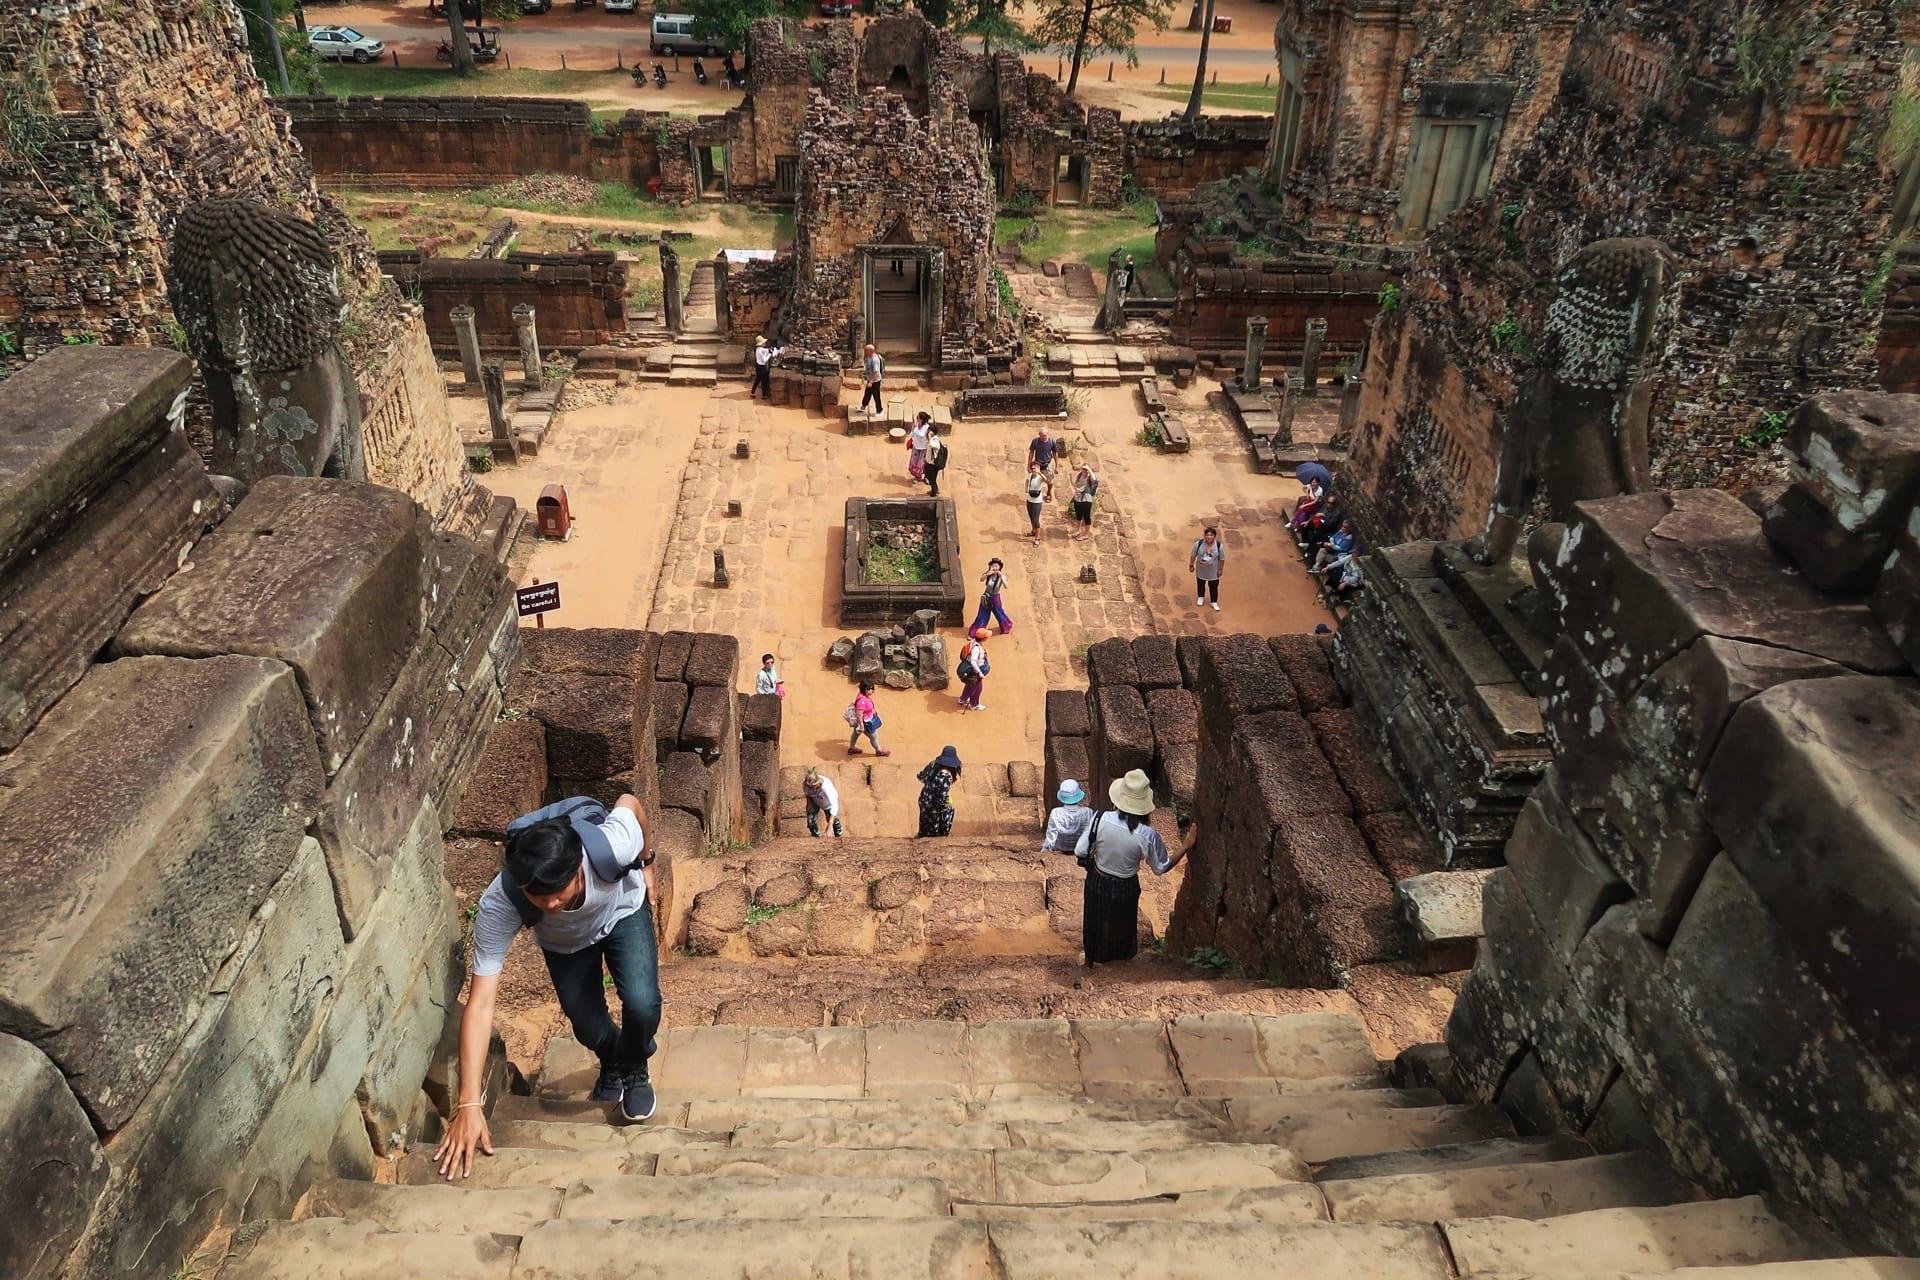 Templerne er høje og trapperne er stejle